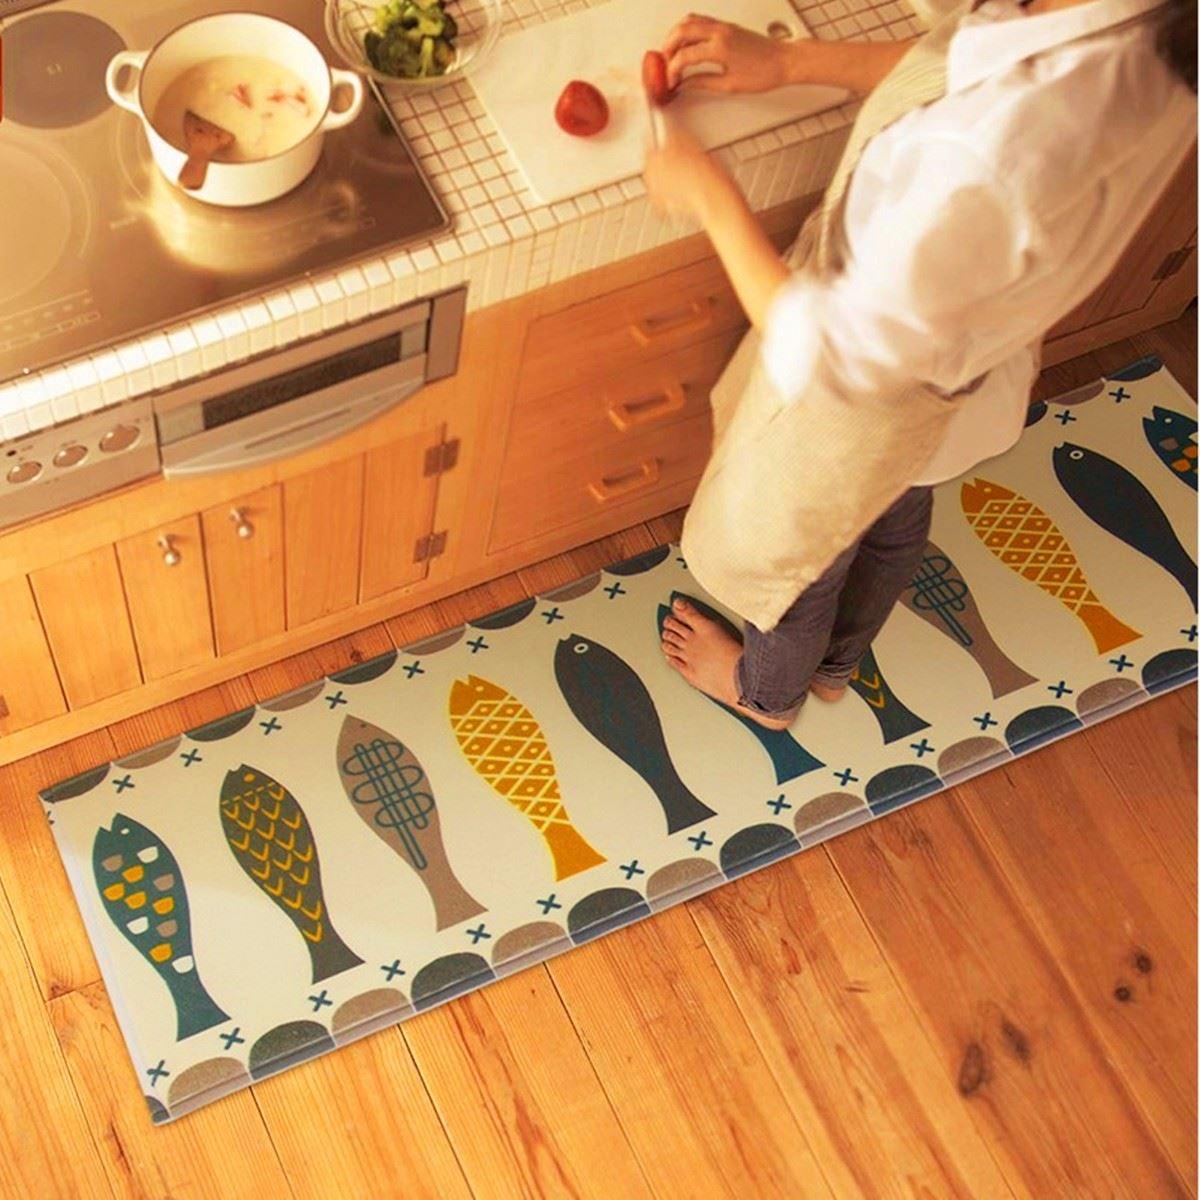 Коврик на пол на кухню: как выбрать